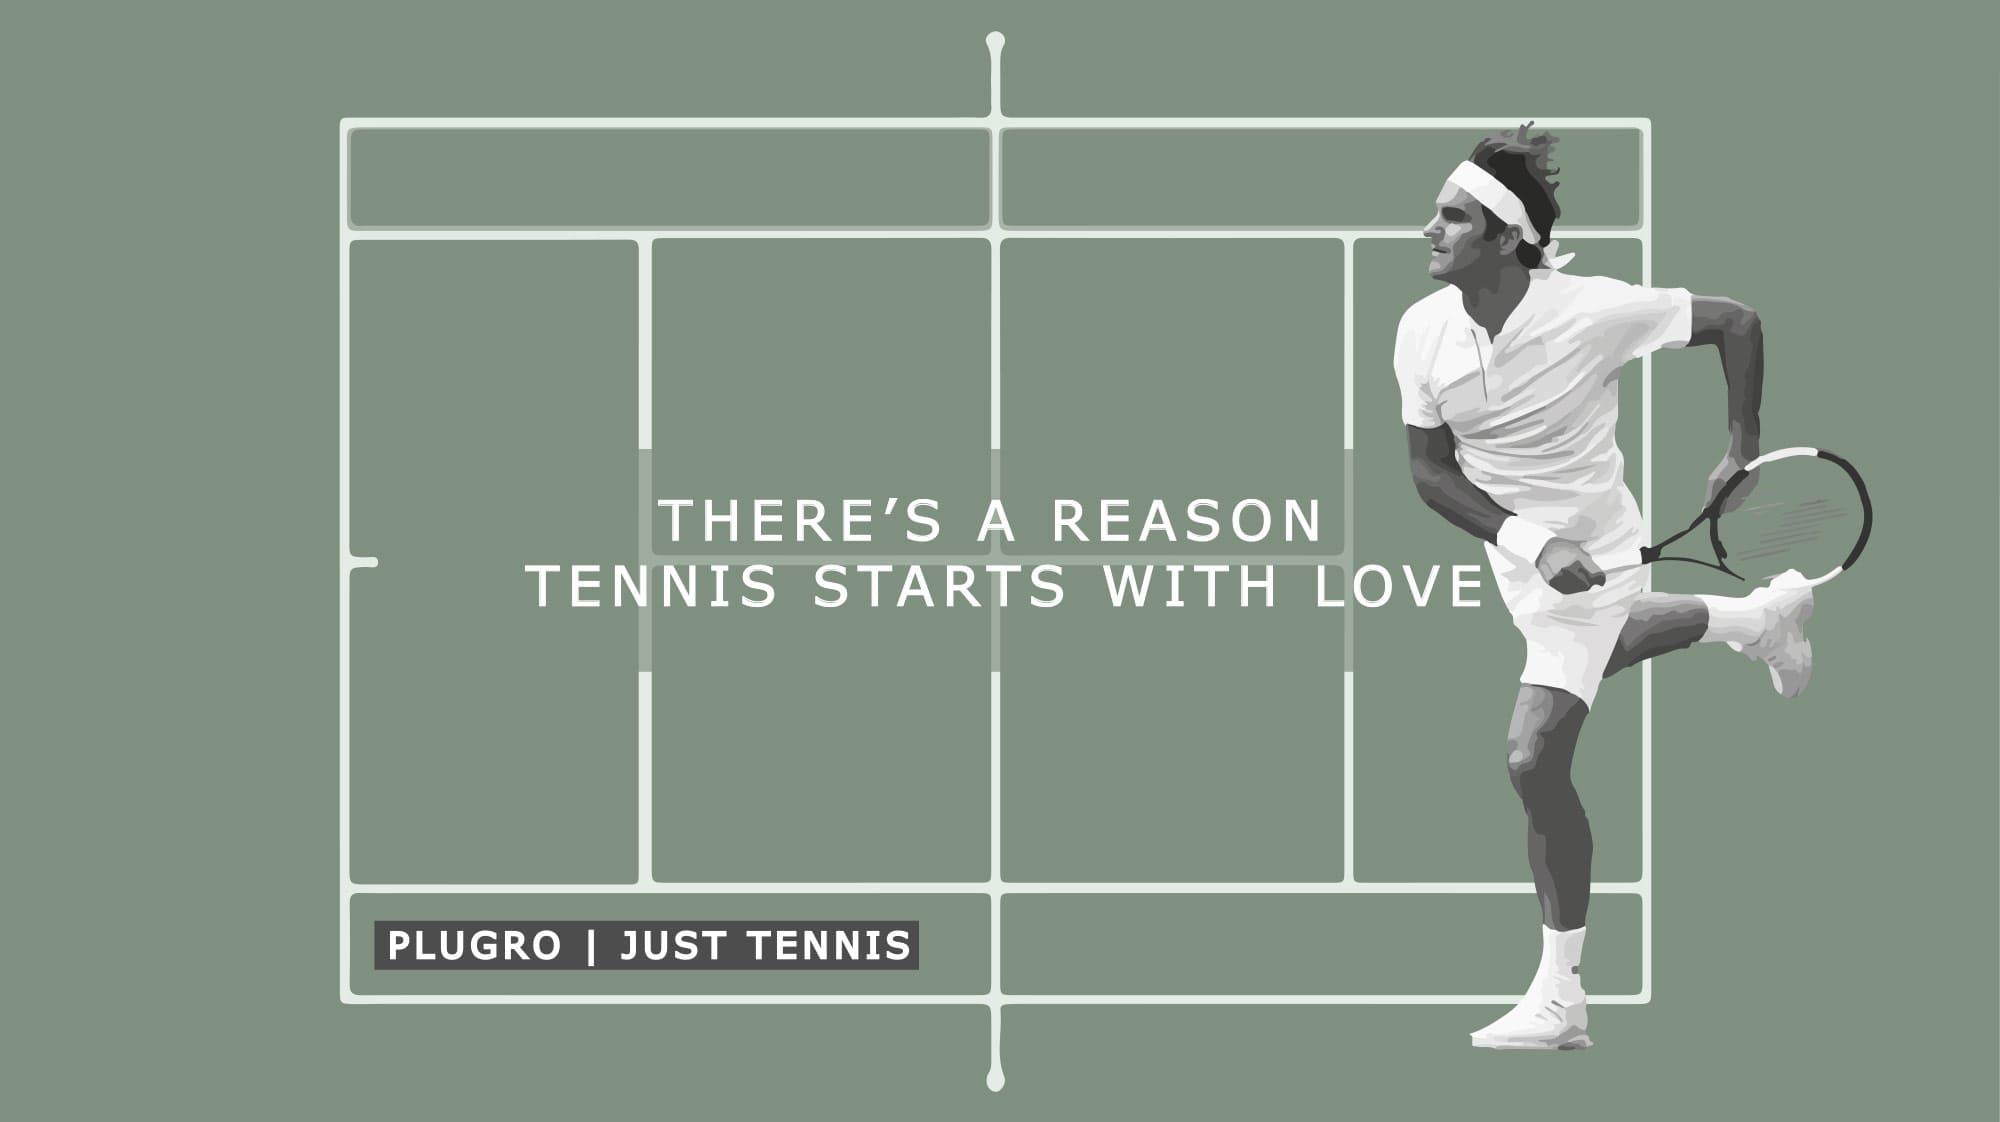 Plugro Just Tennis